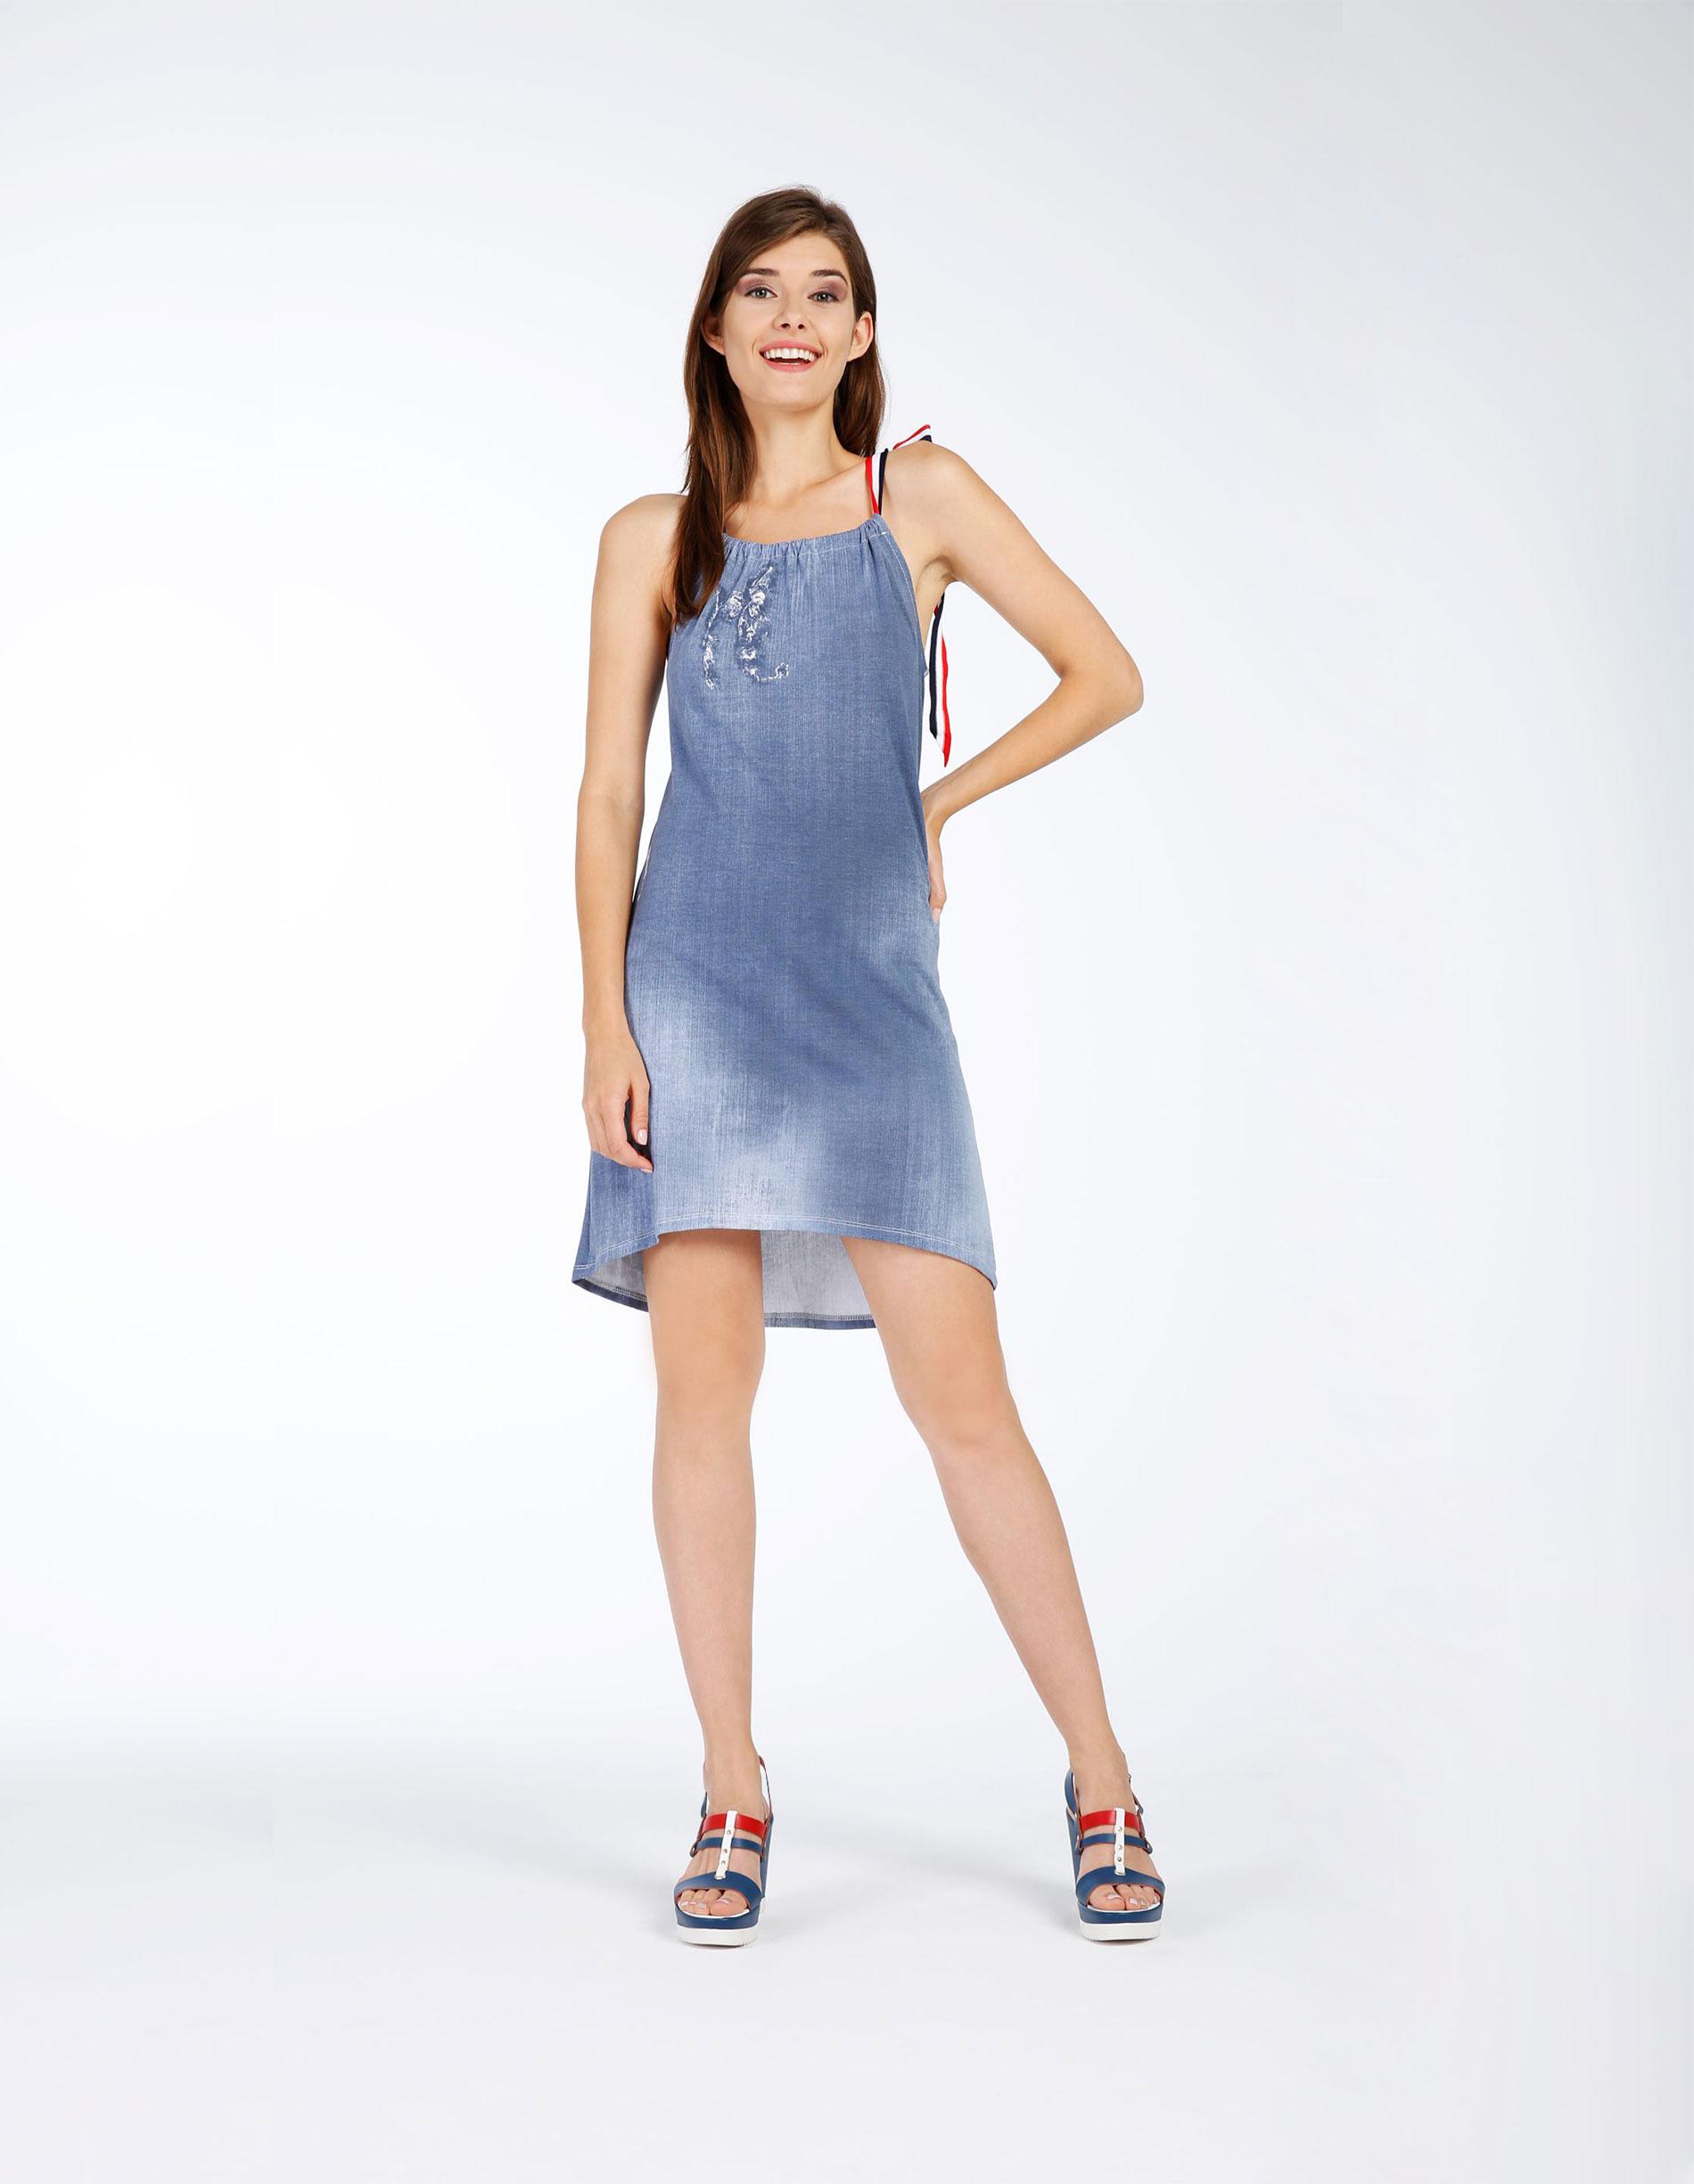 Sukienka - 96-11795 JEAN - Unisono